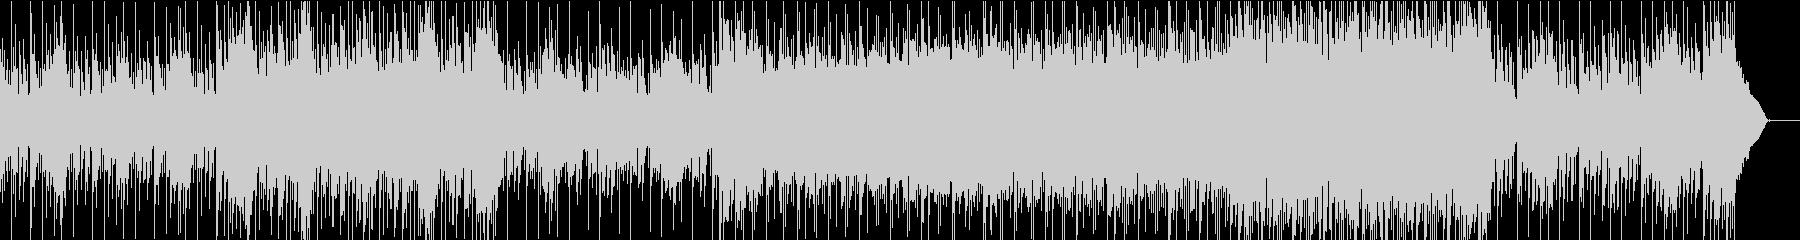 MidTMPOneToneElectroの未再生の波形